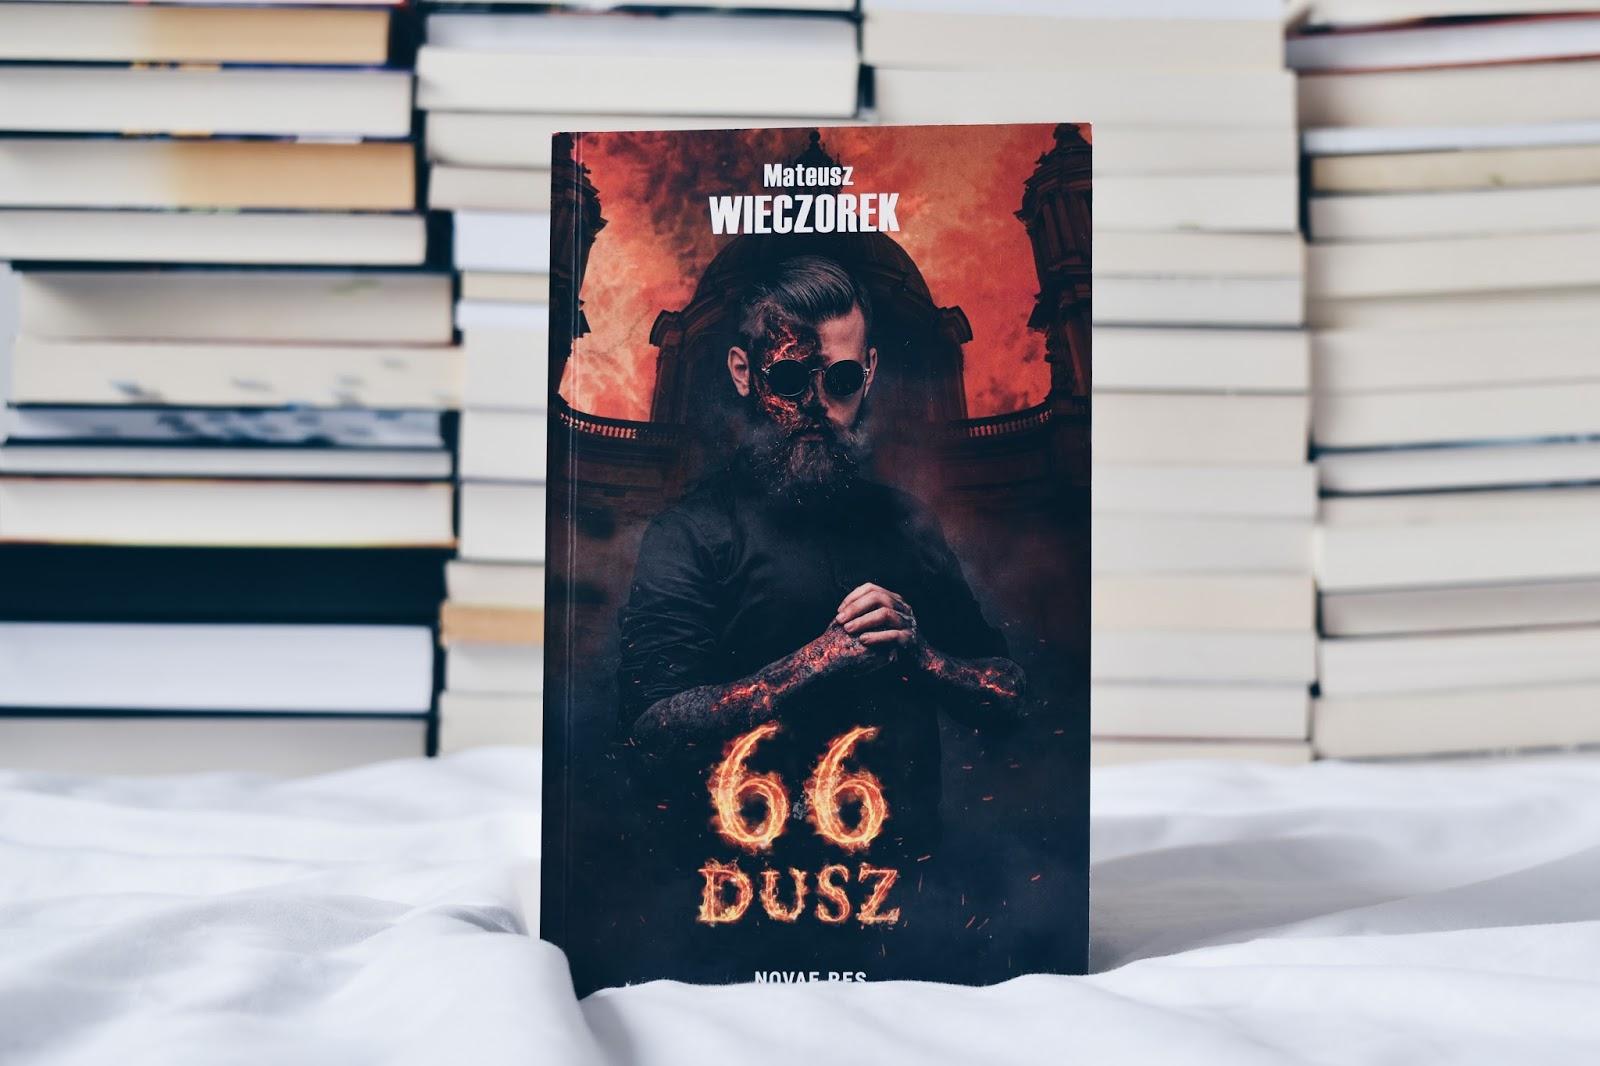 66 dusz, Mateusz Wieczorek, polskie książki, czytam bo polskie, bookstagram, co czytać, fajna książka, człowiek który chciał oszukać diabła, Twardowski